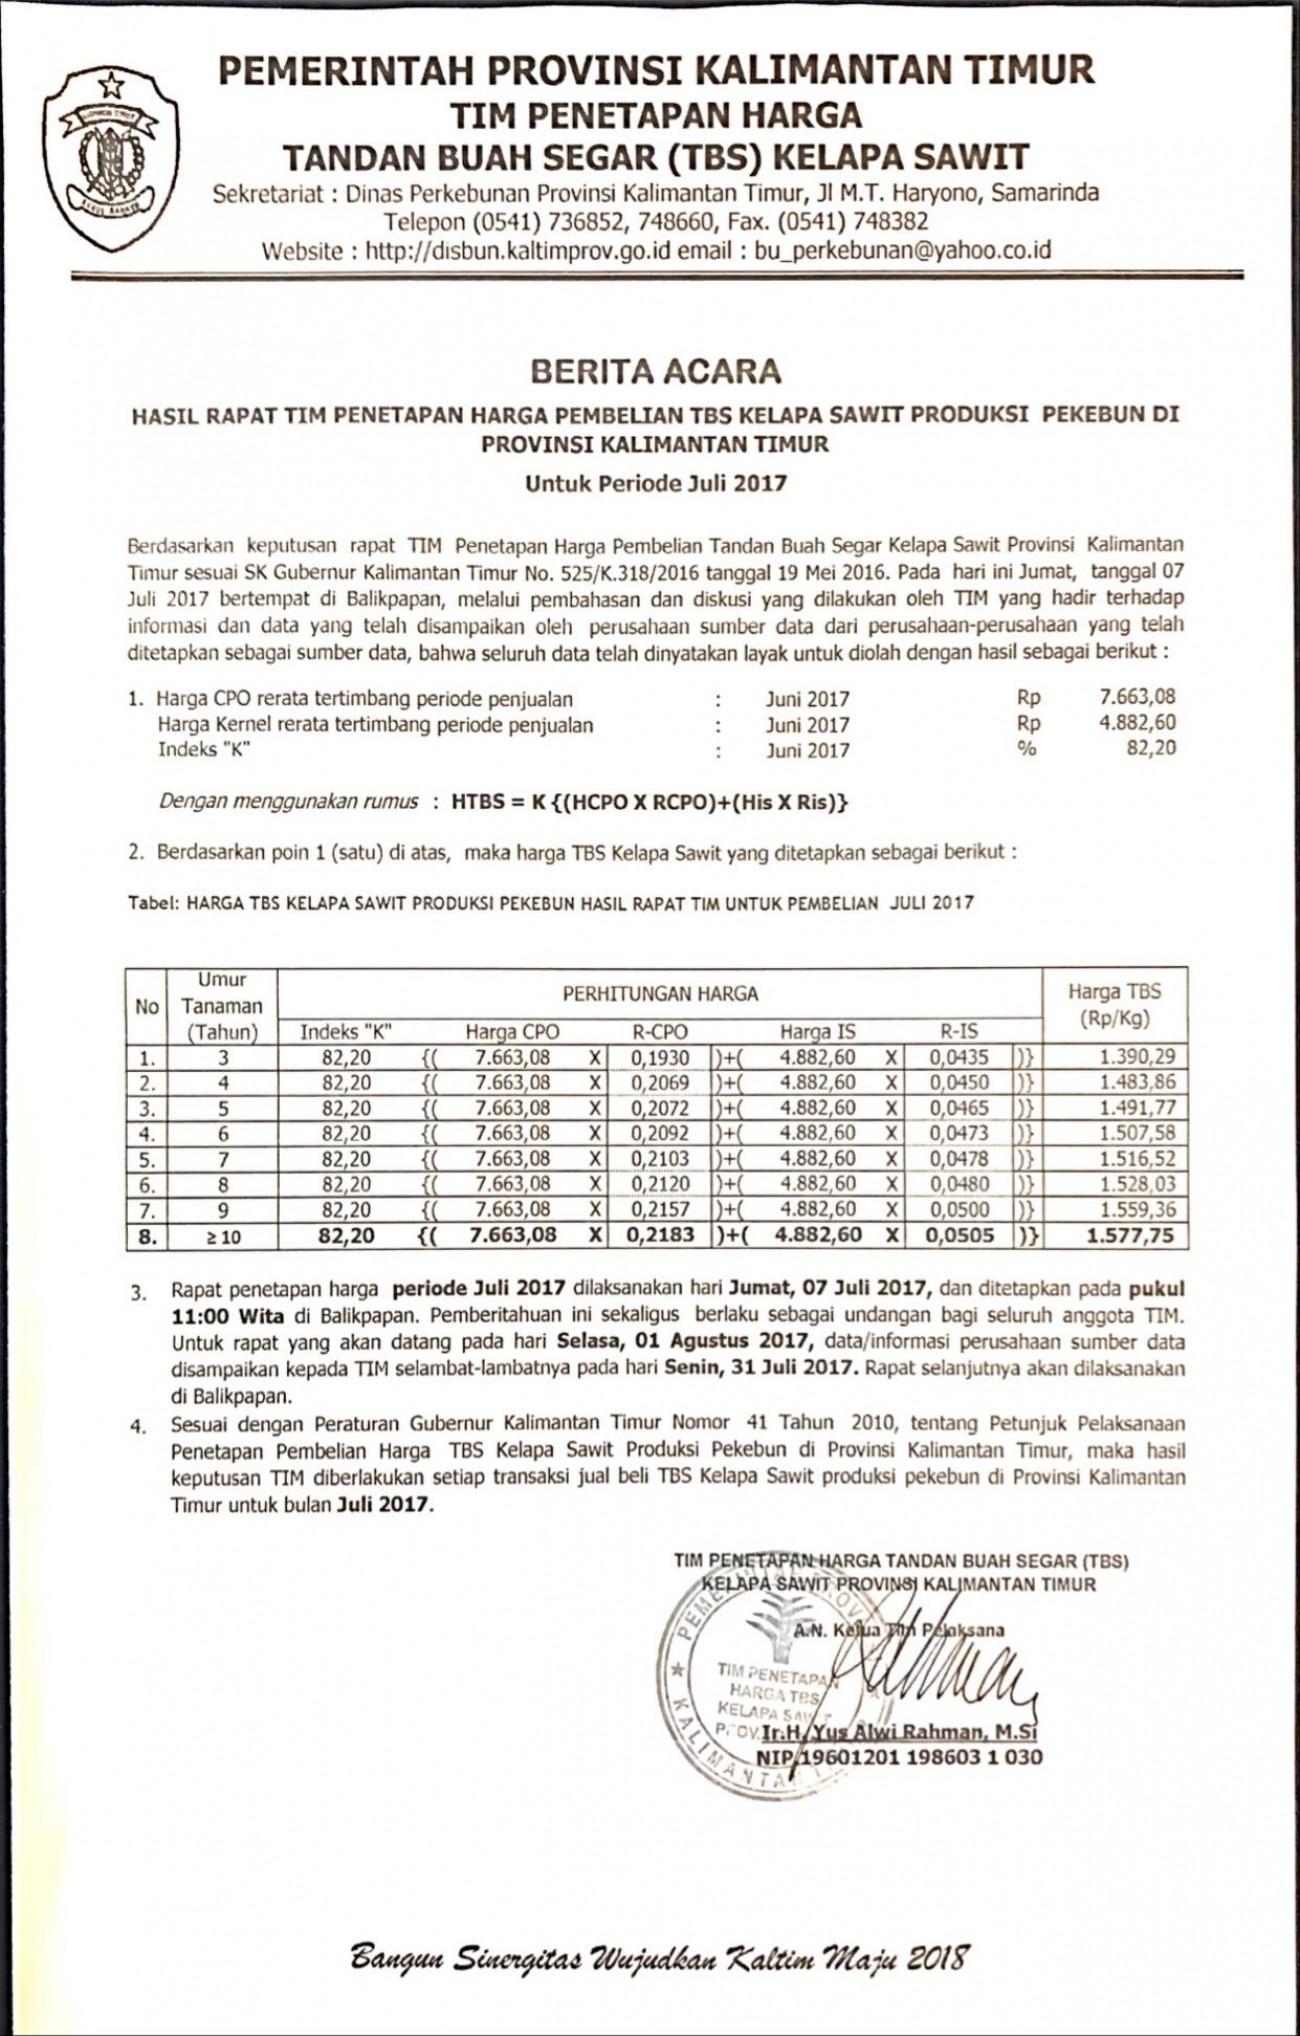 Informasi Harga TBS Kelapa Sawit Bulan Juli 2017